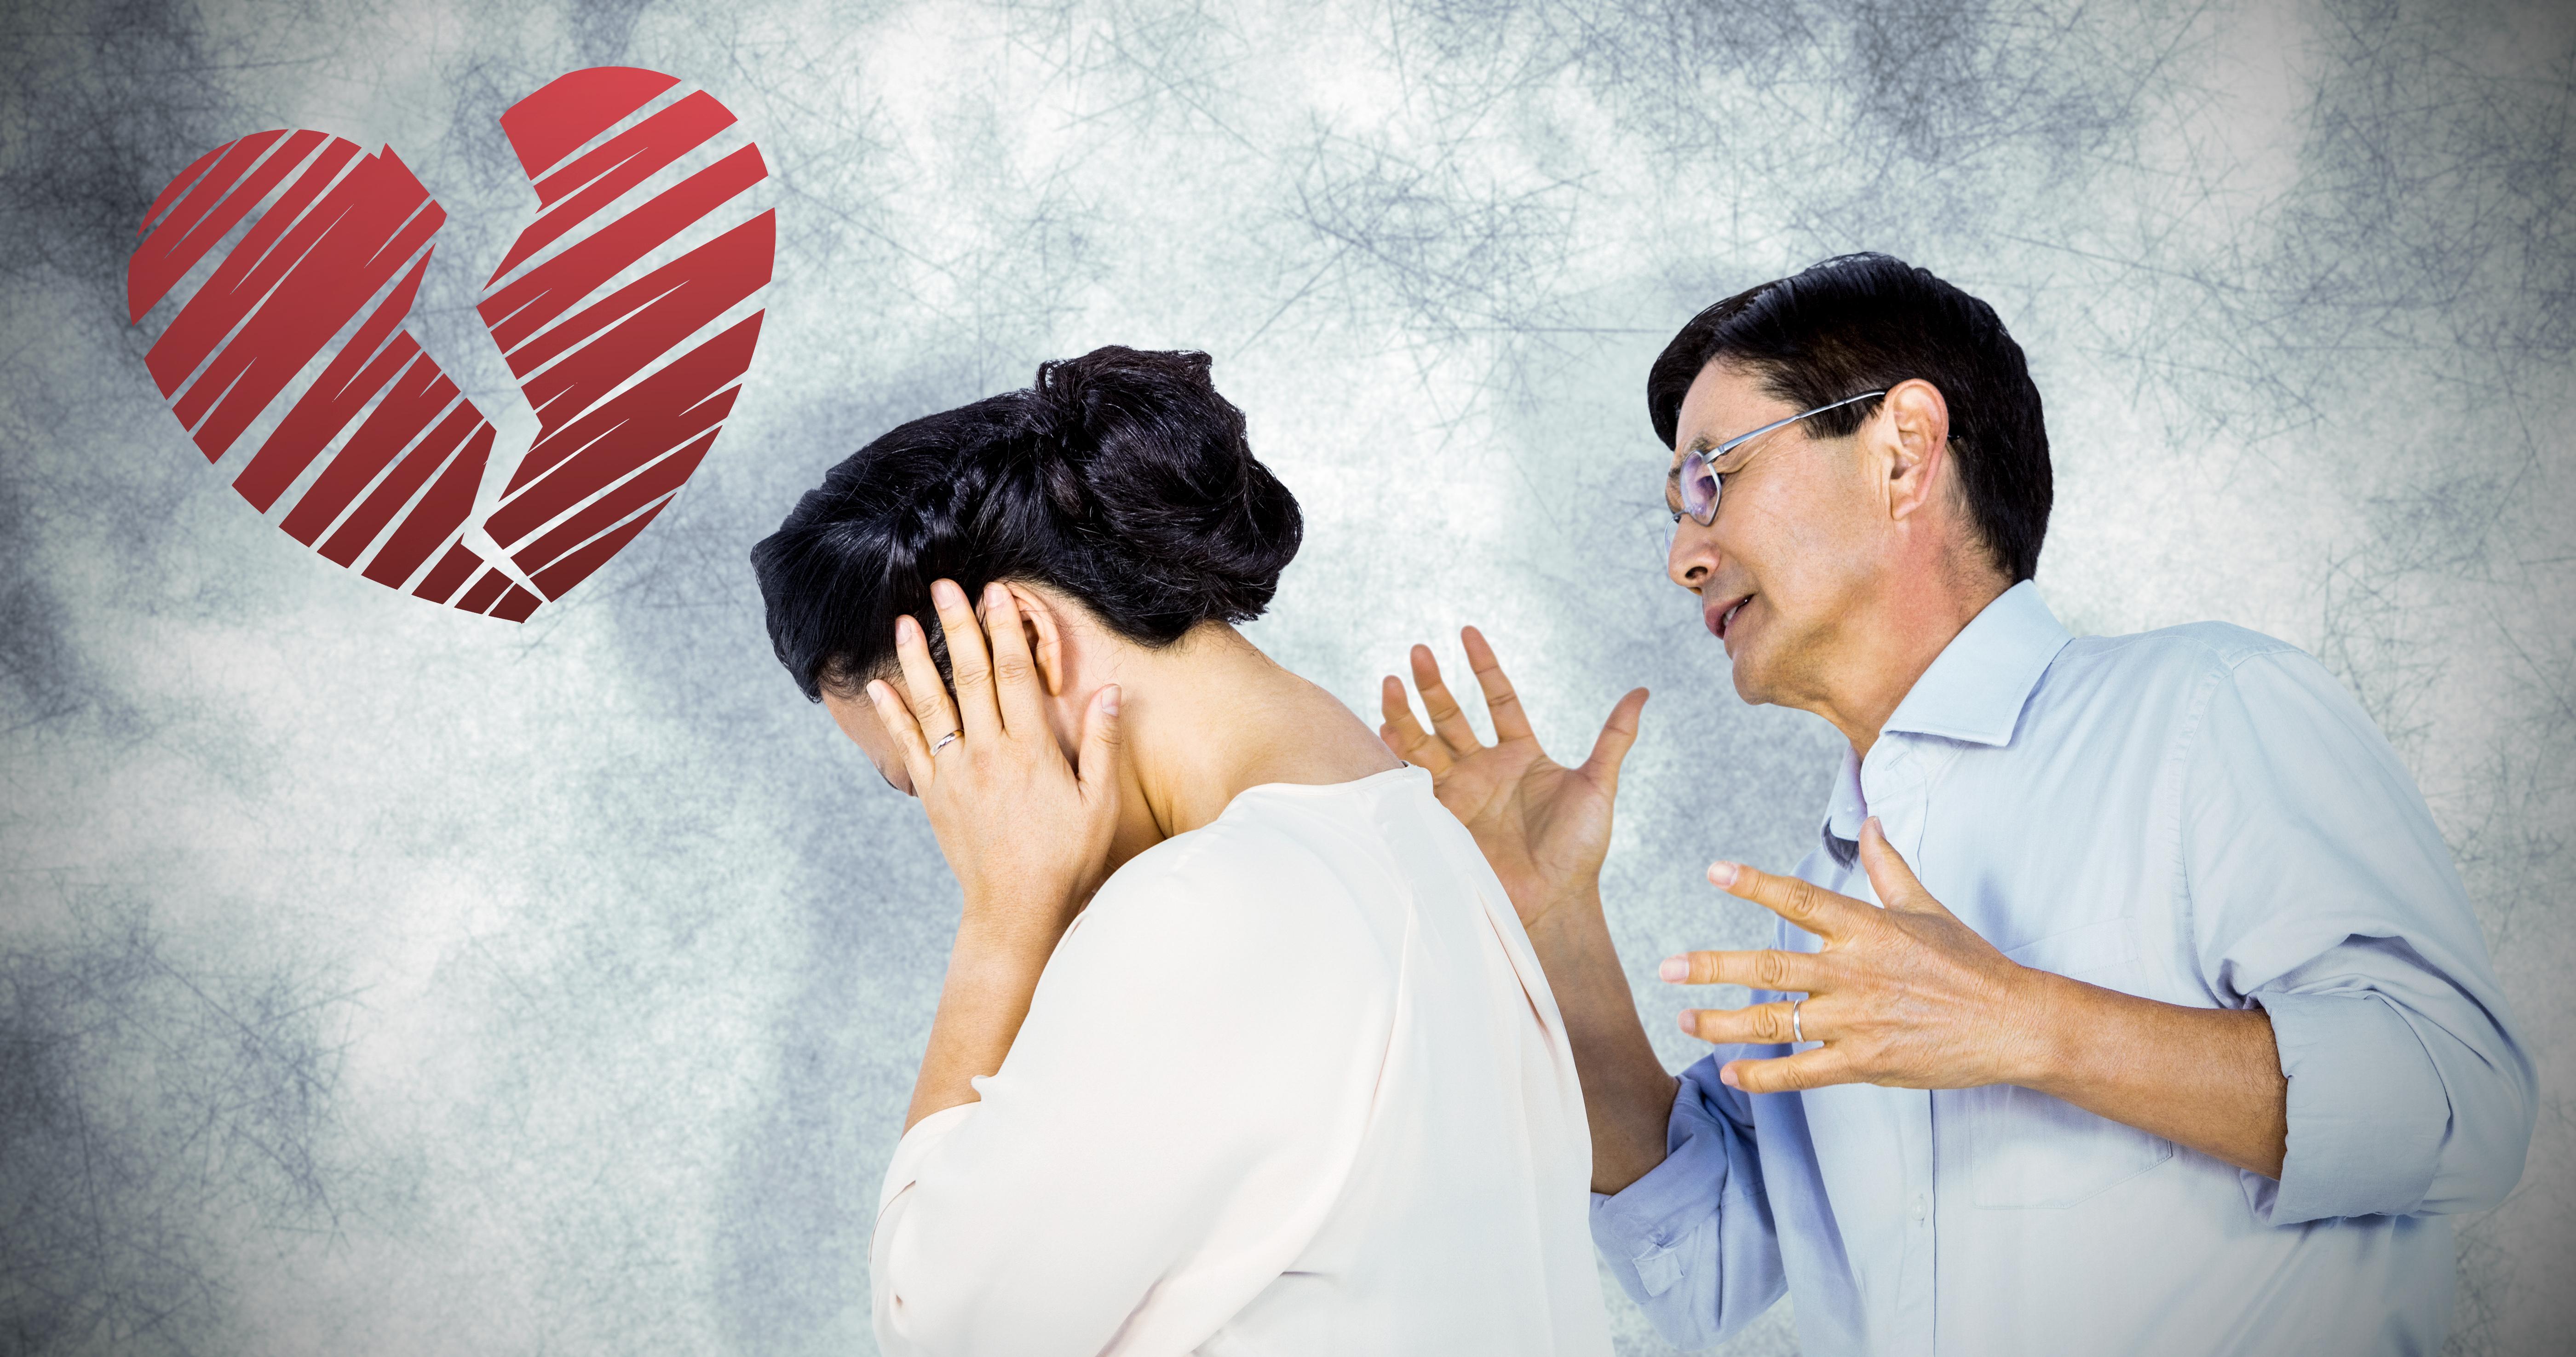 ly hôn của bố mẹ không phải là sự kết thúc mà là sự lựa chọn riêng của 2 người